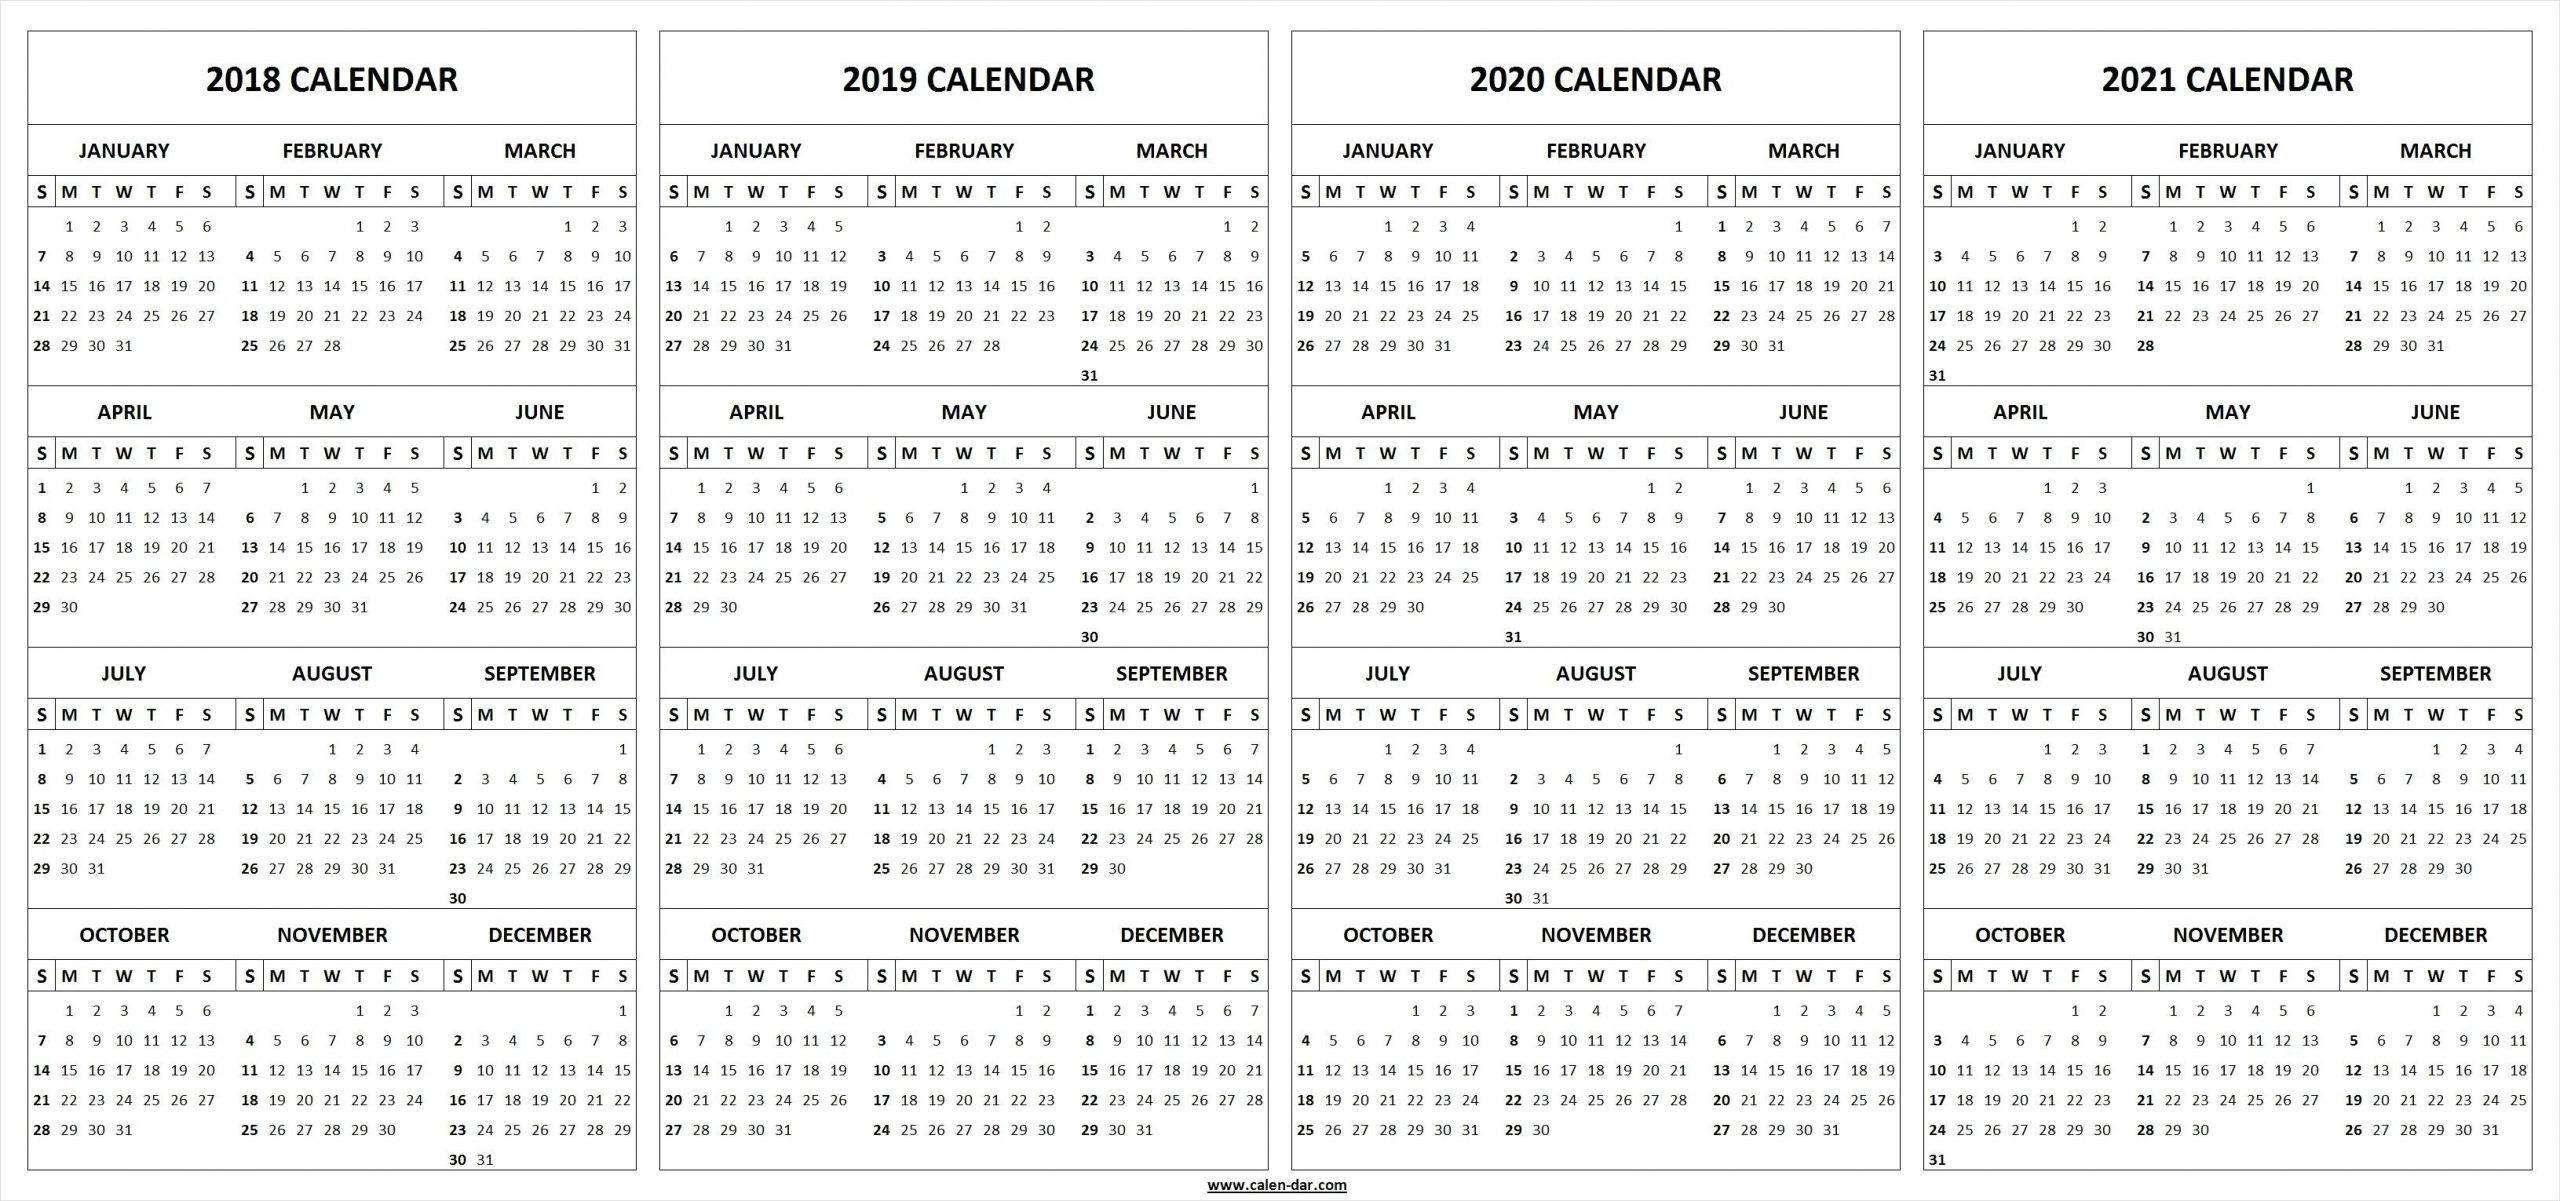 4 Year Calendar Wooster | Ten Free Printable Calendar 2020 Free 4 Year Calendar Printable